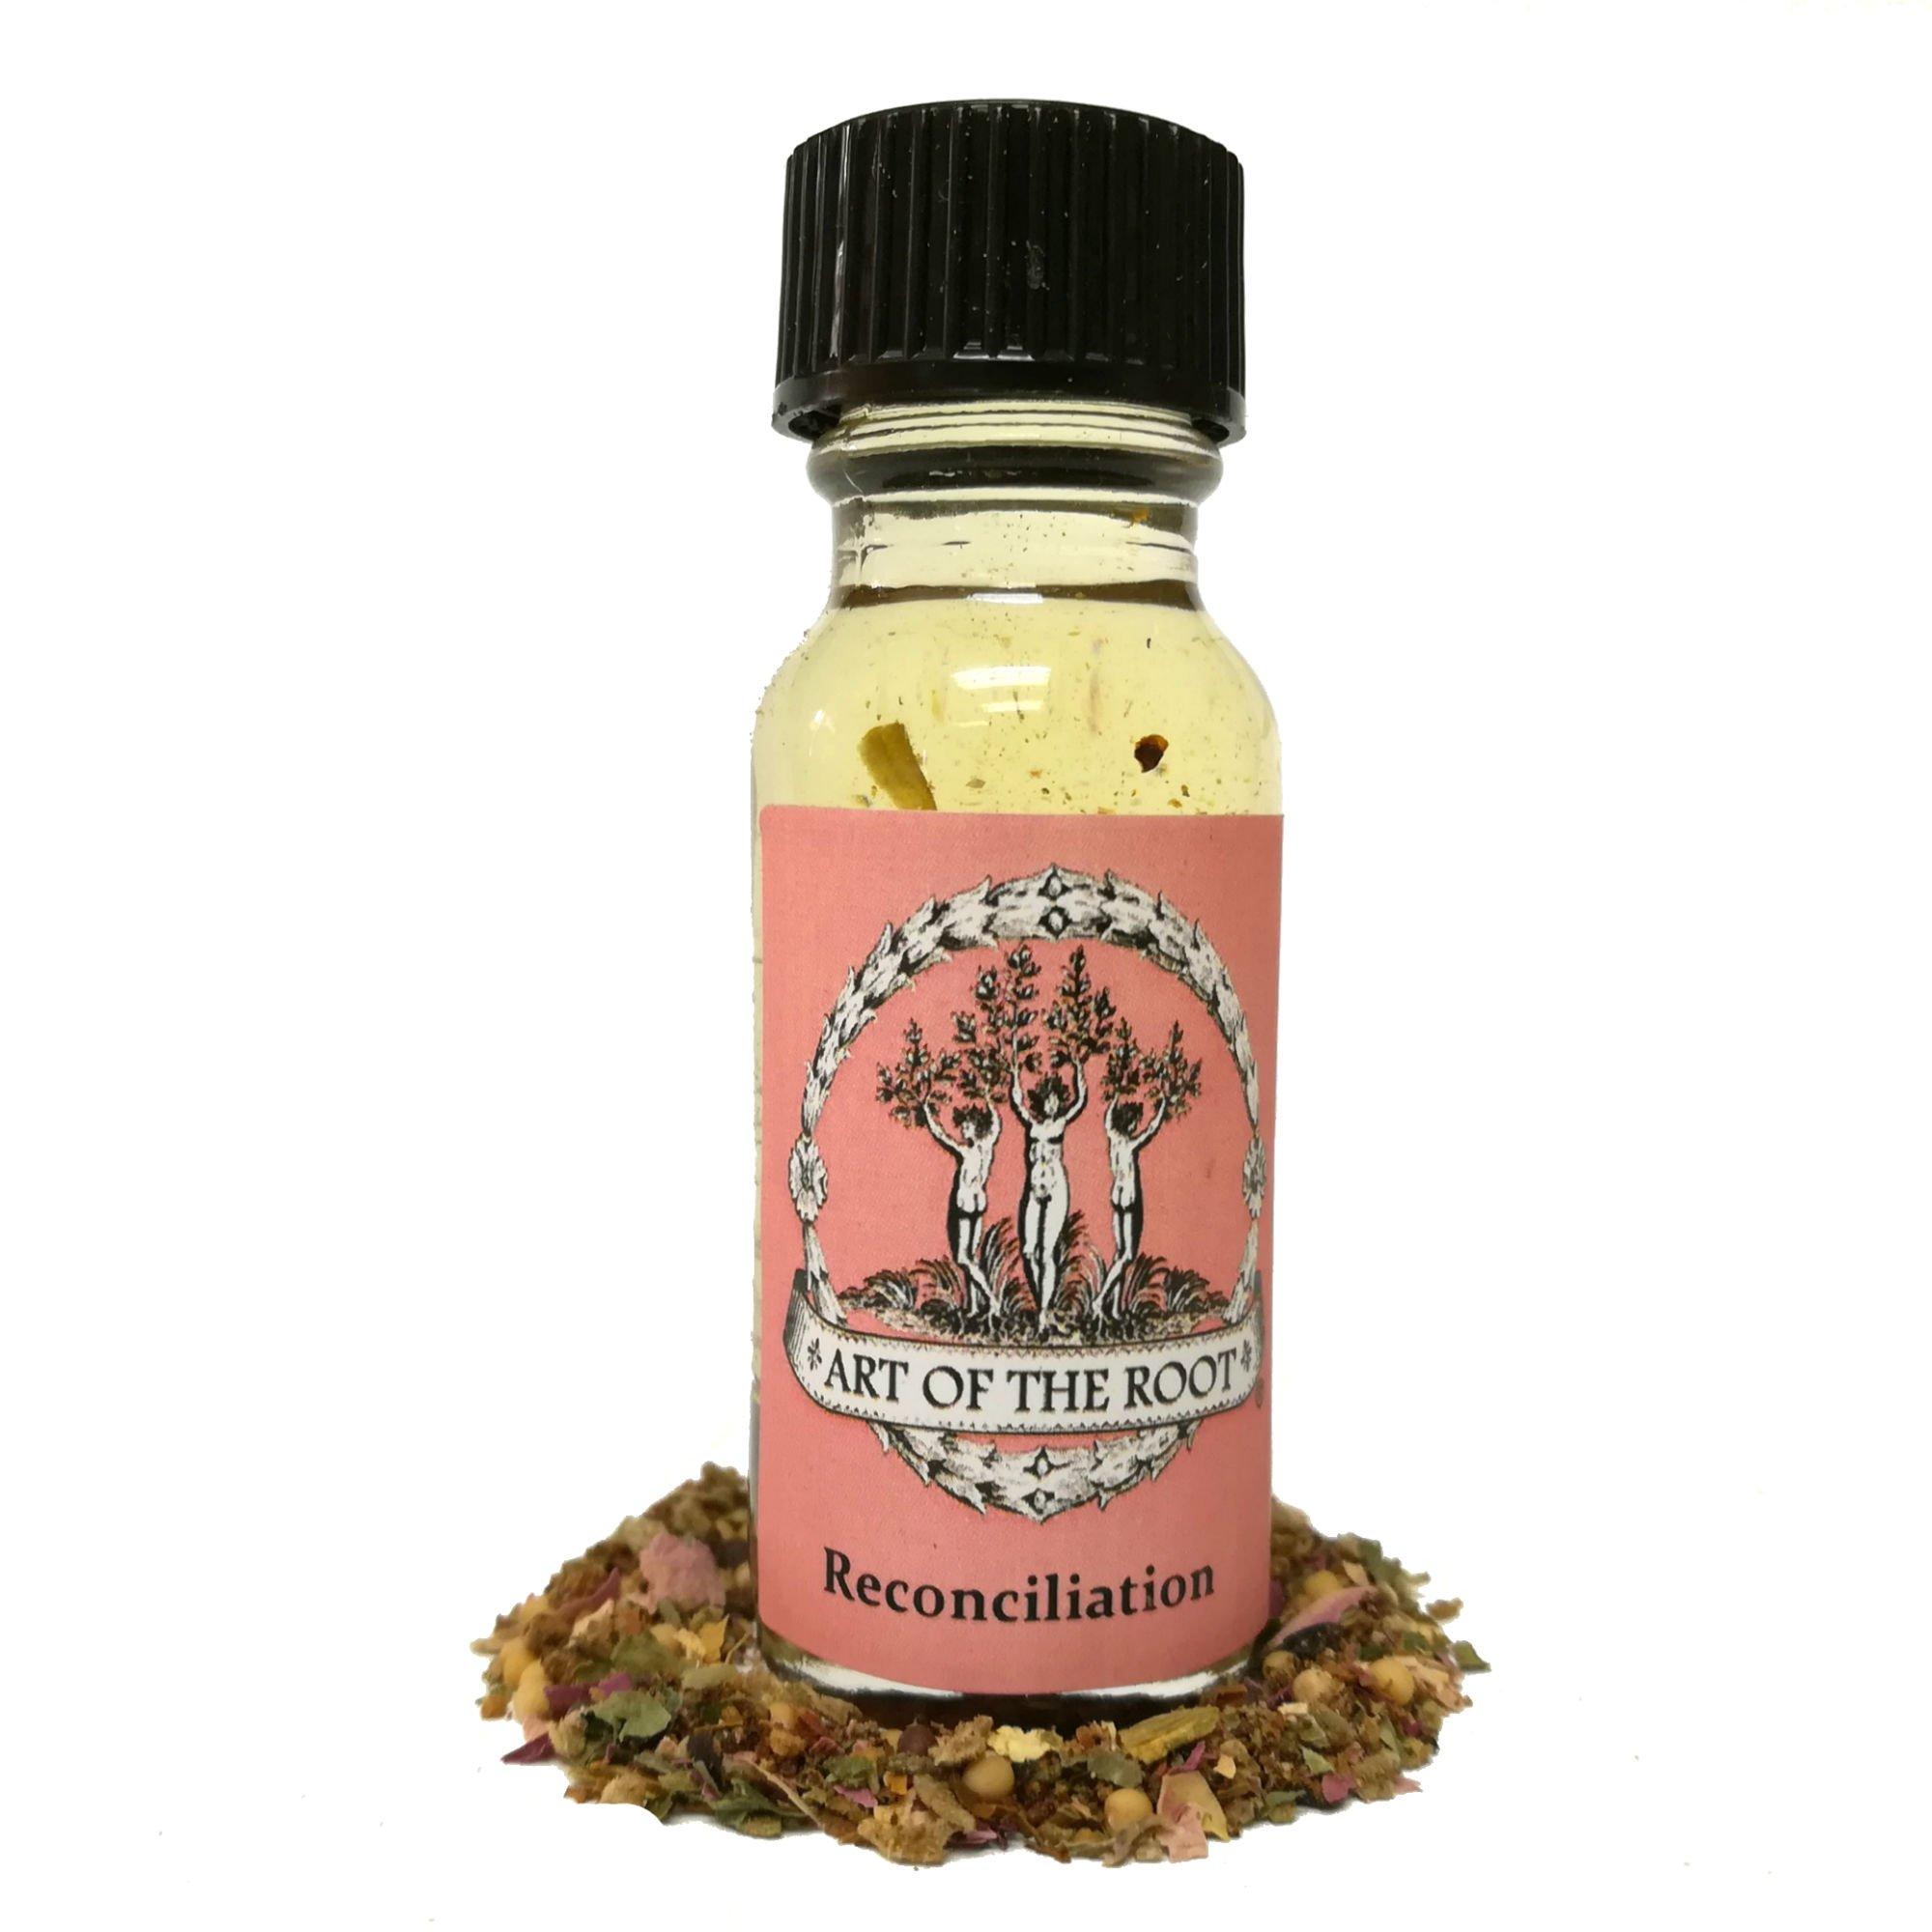 Reconciliation Oil 1/2 oz Hoodoo Voodoo Wiccan Pagan Conjure